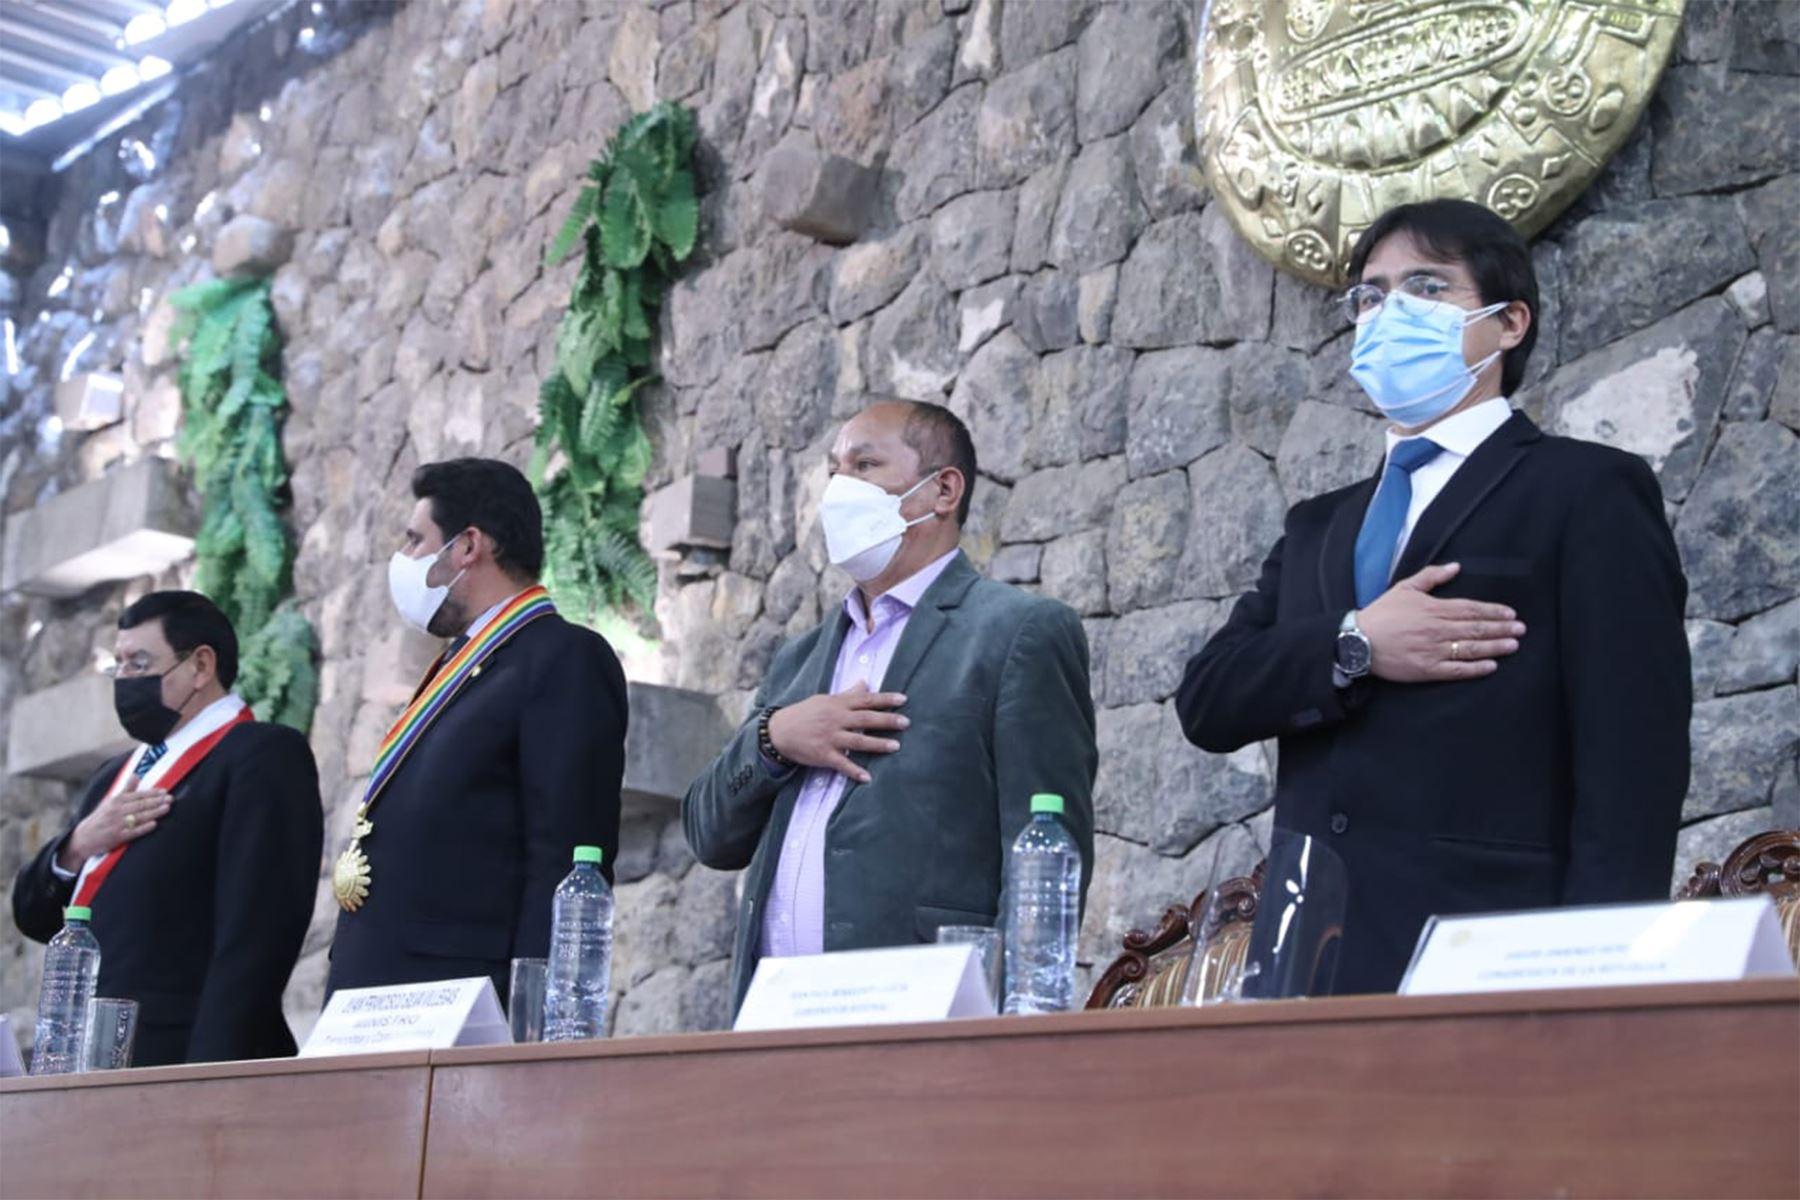 El ministro de Transportes y Comunicaciones, Juan Silva participa en la primera audiencia pública descentralizada de la Comisión de Transportes y Comunicaciones del Congreso ,en la región Cusco. Foto: MTC